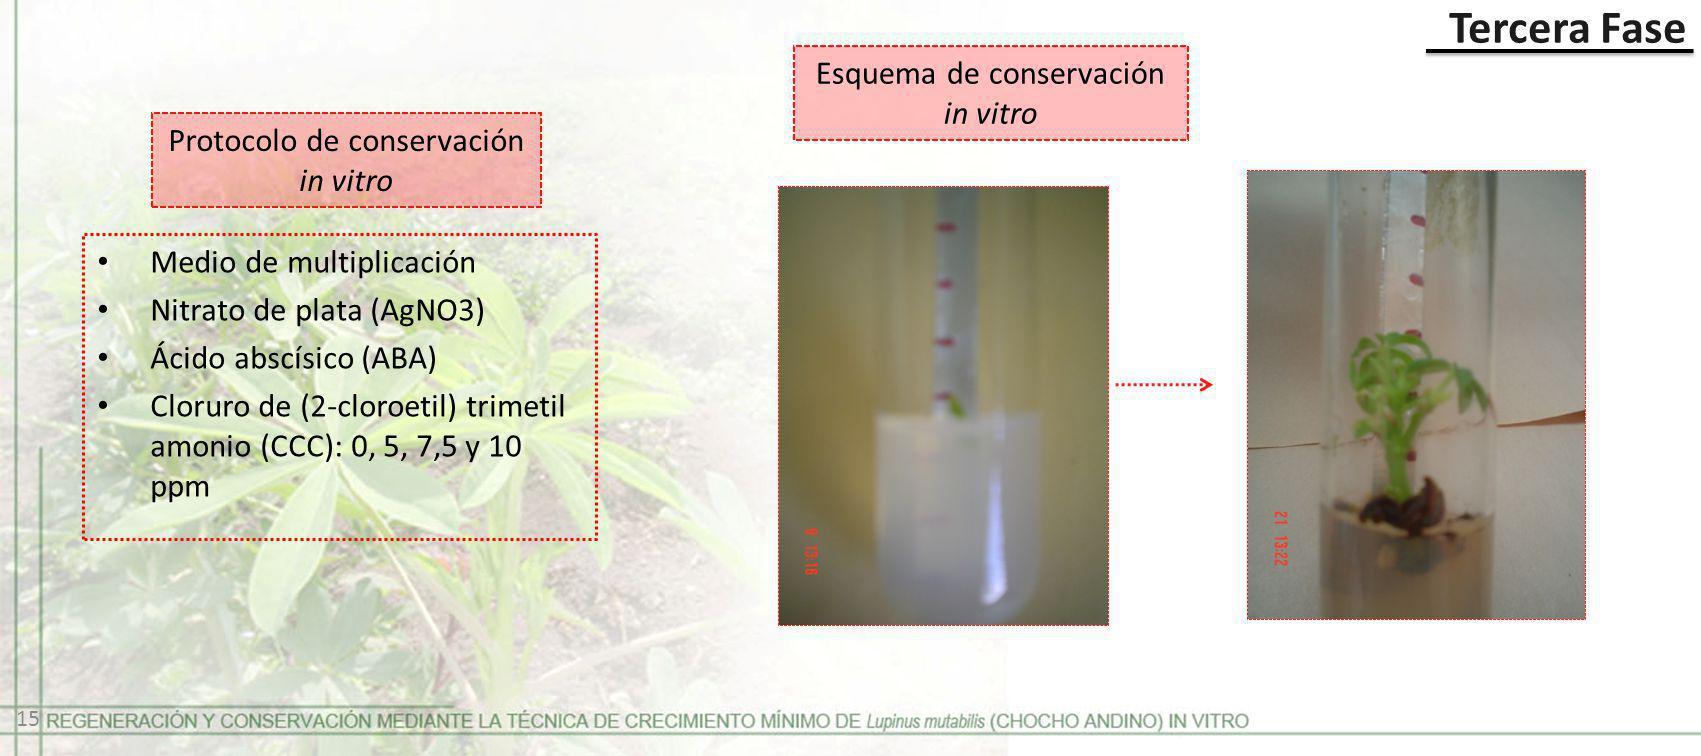 Esquema de conservación in vitro